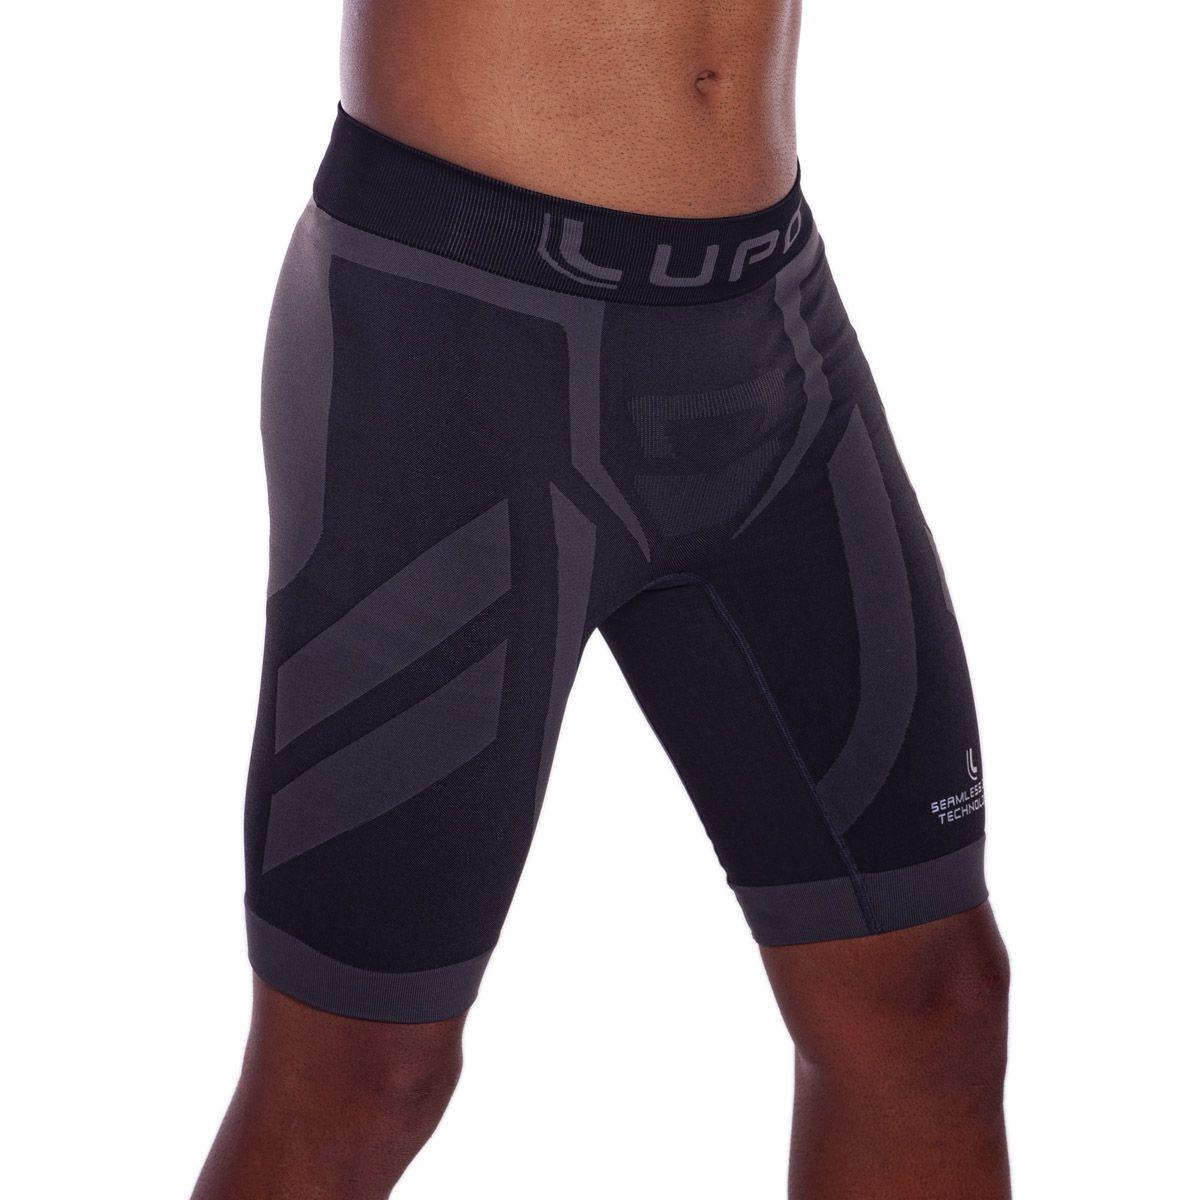 Bermuda masculina com compressão para corrida e atividades físicas Lupo -